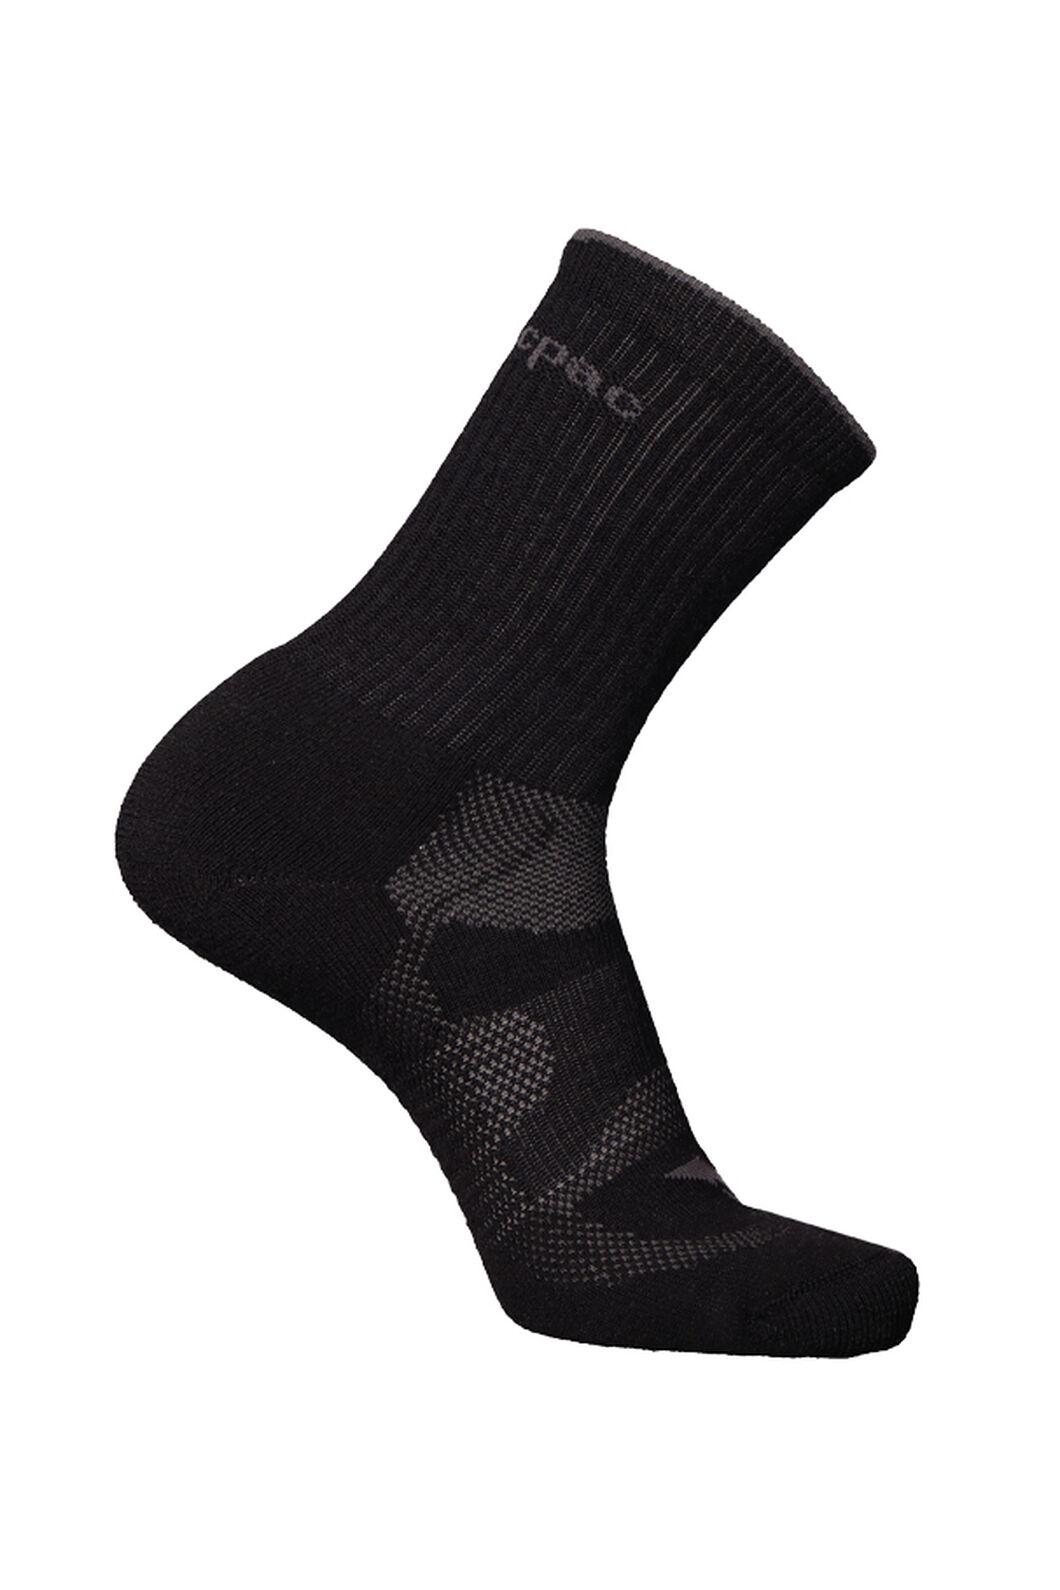 Macpac Merino Crew Socks, Black, hi-res